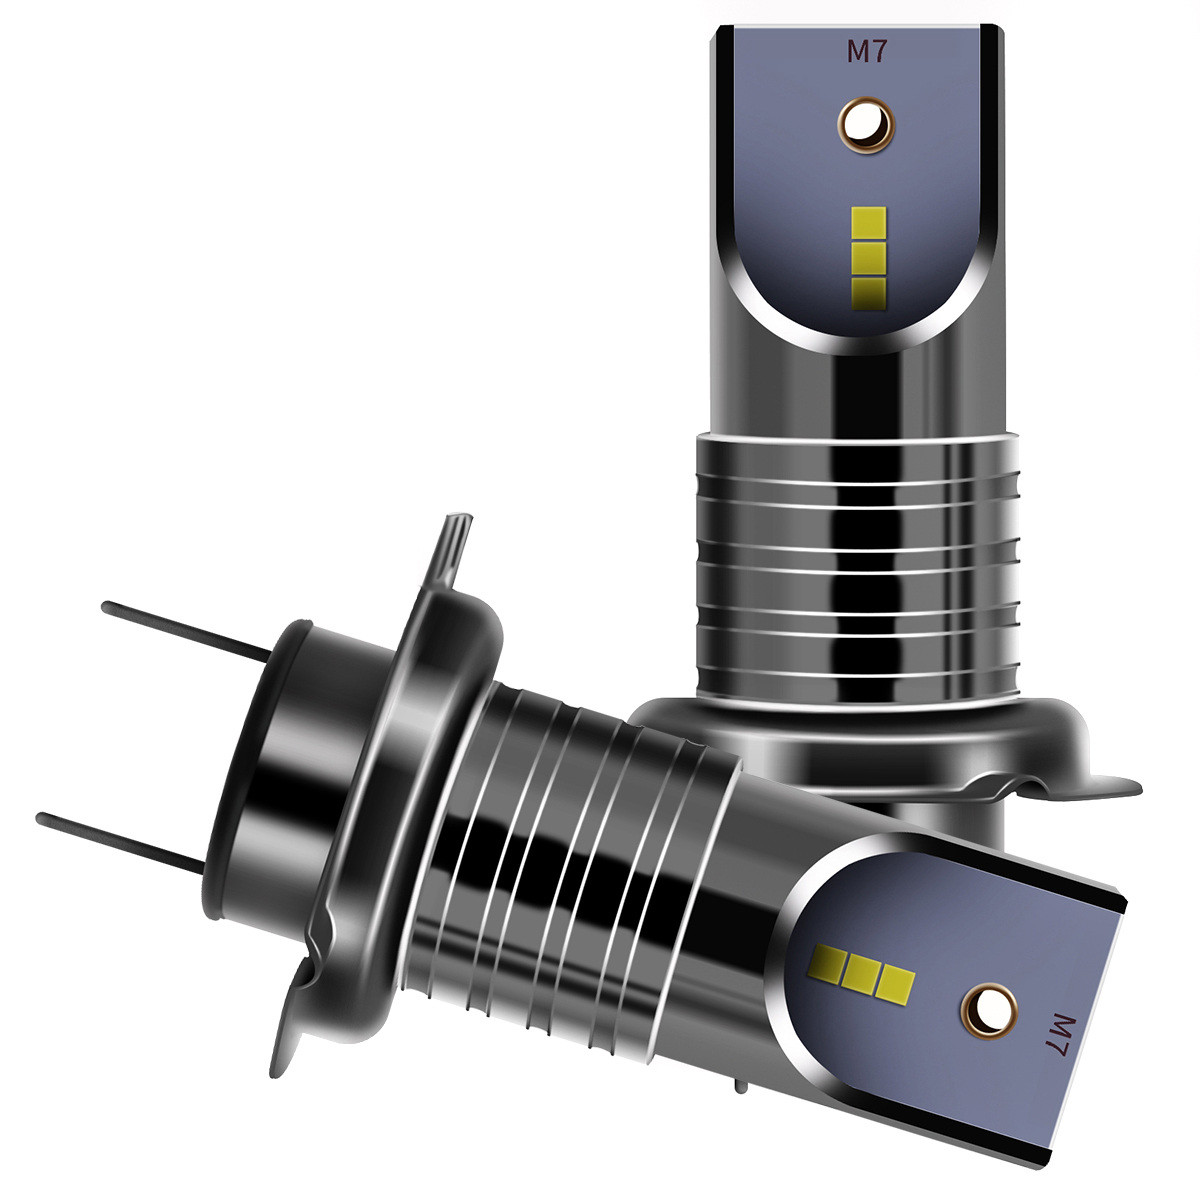 6000K Автомобильные светодиодные лампы для фар, конверсионный комплект из 2 предметов, холодный белый свет 7200LM 50 Вт в комплекте, водонепроница...